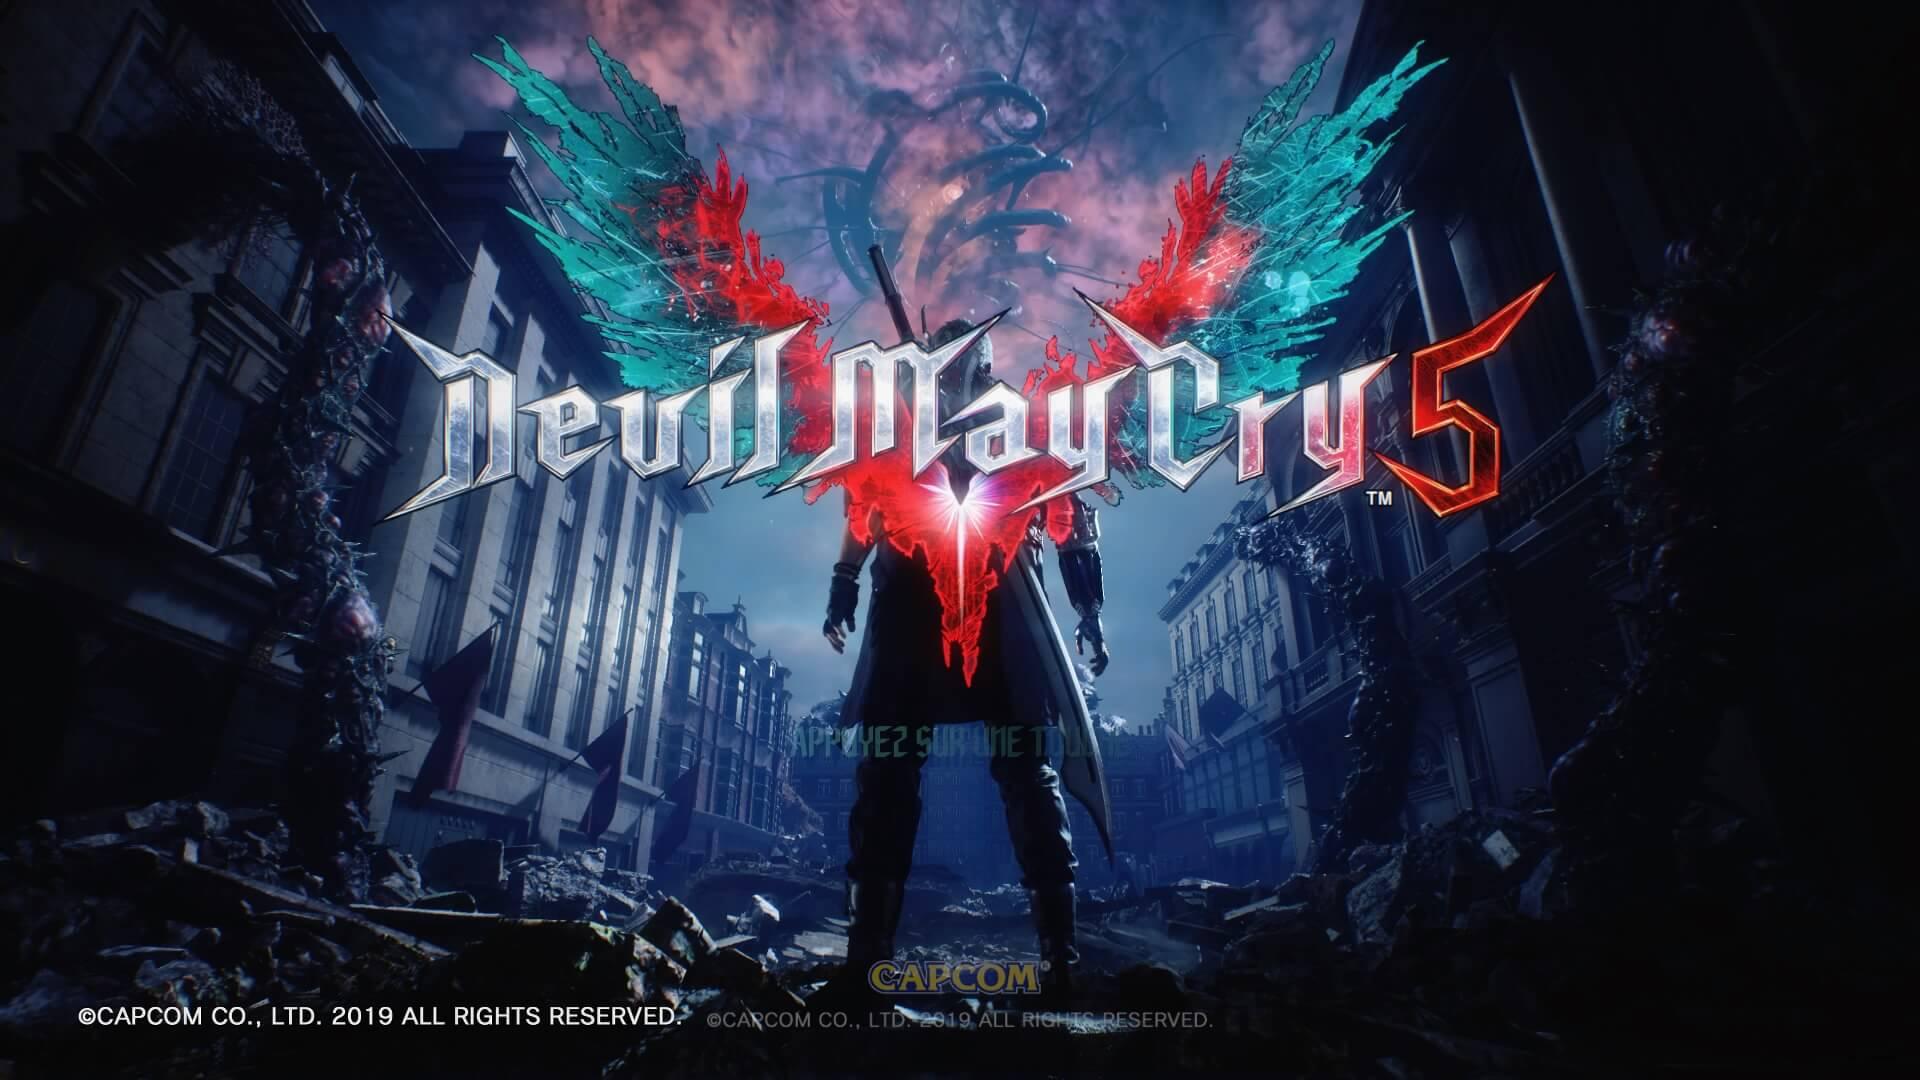 Devill May Cry V